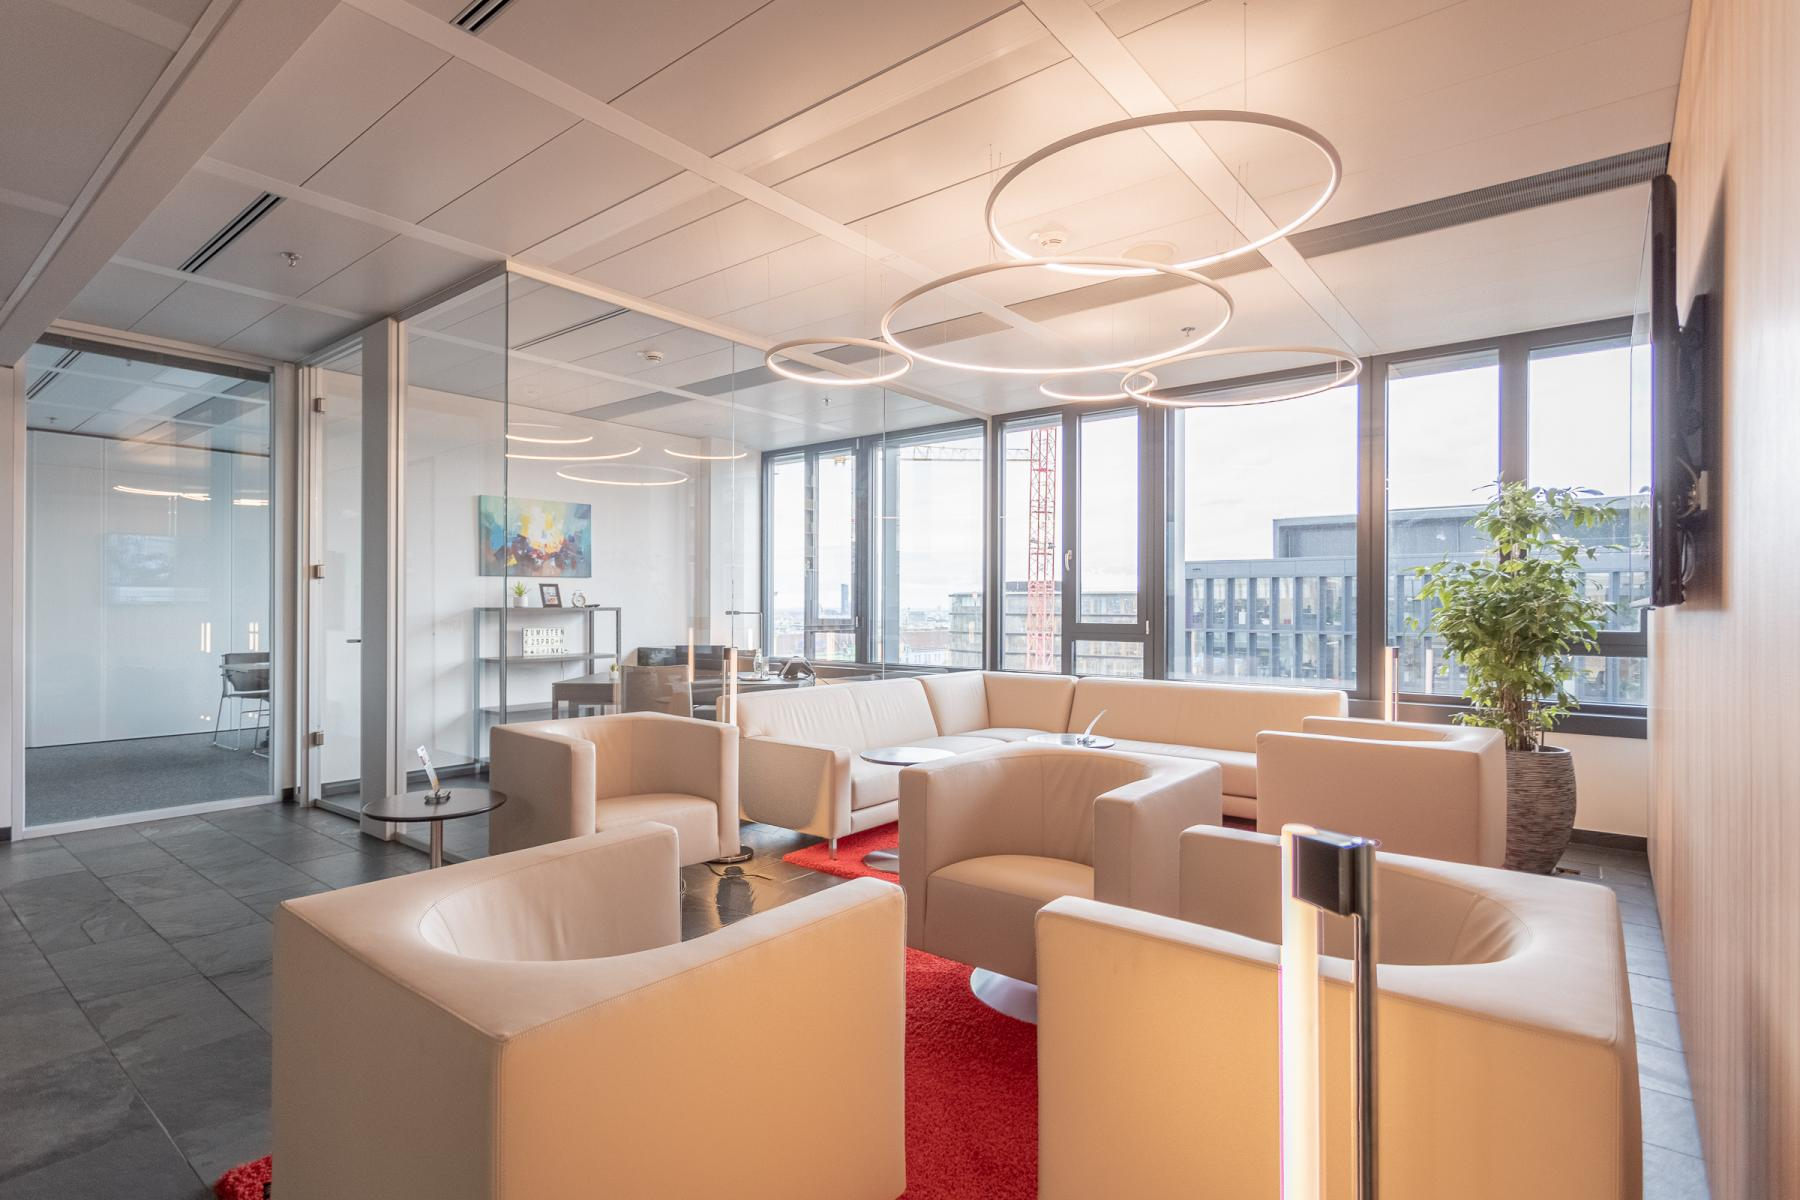 Miete Büros am Belvedere Wien 1100